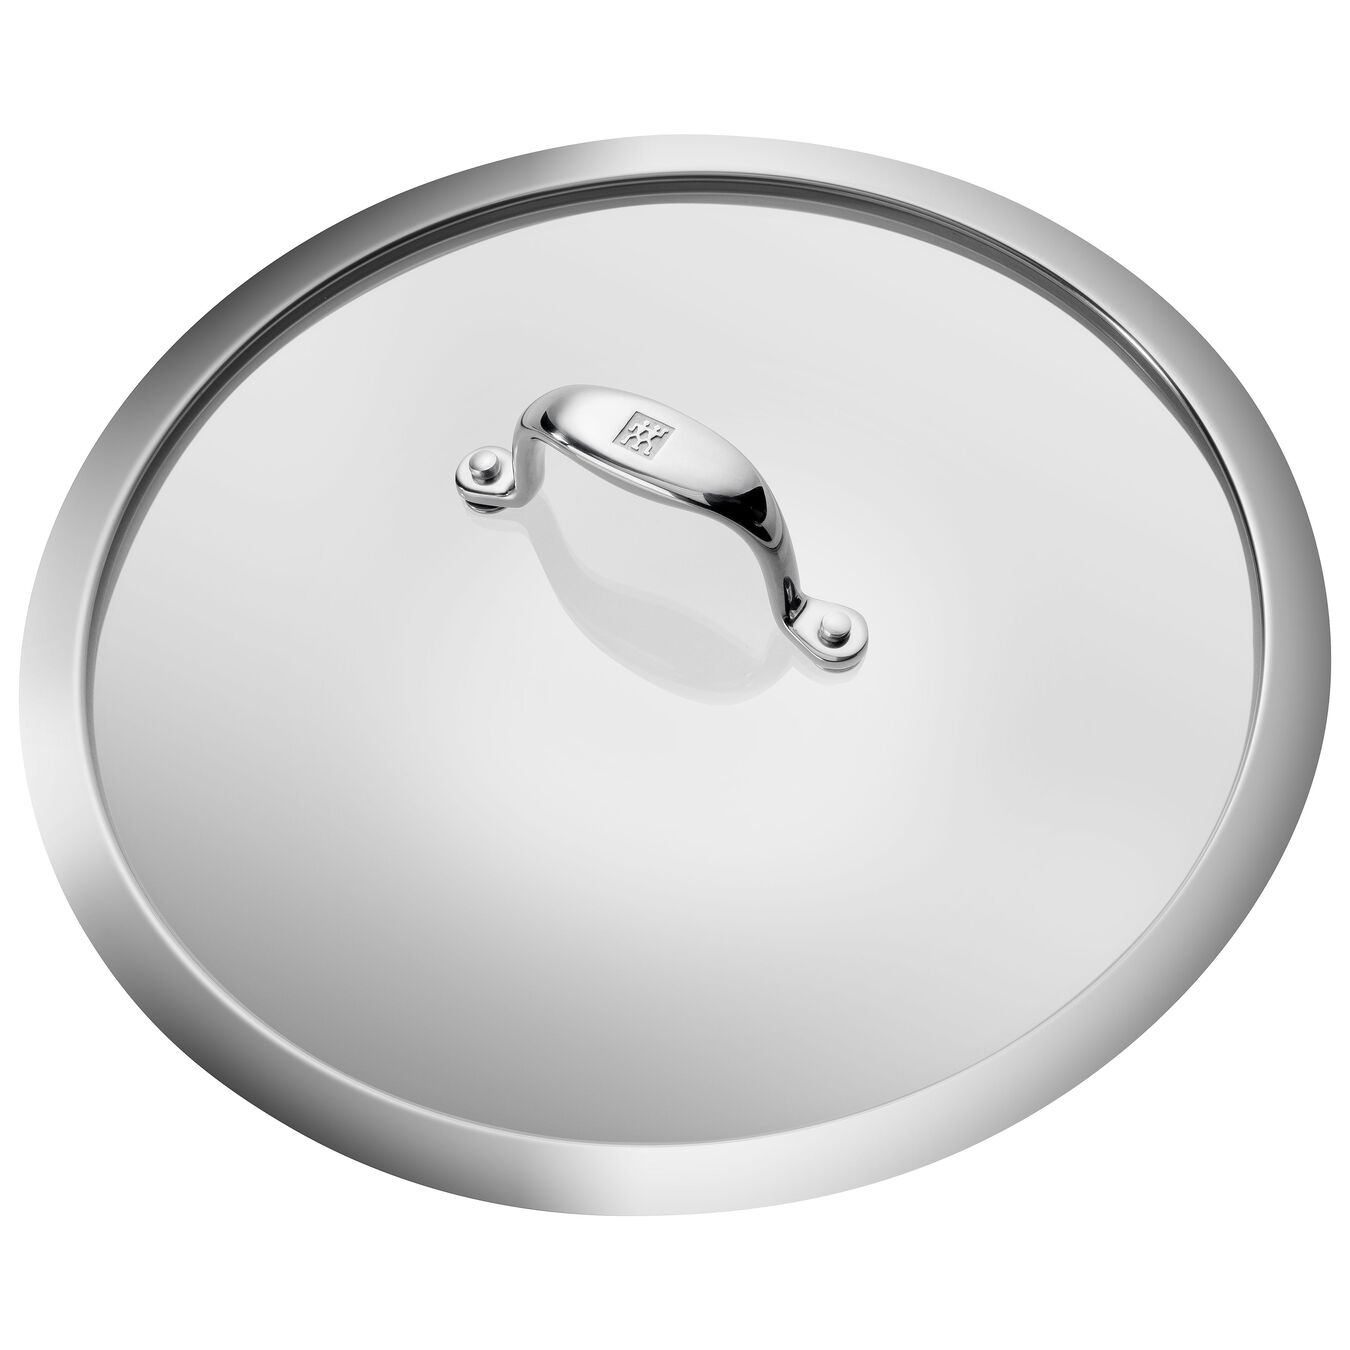 Padella con coperchio - 28 cm, alluminio, Duraslide Ti-X,,large 2